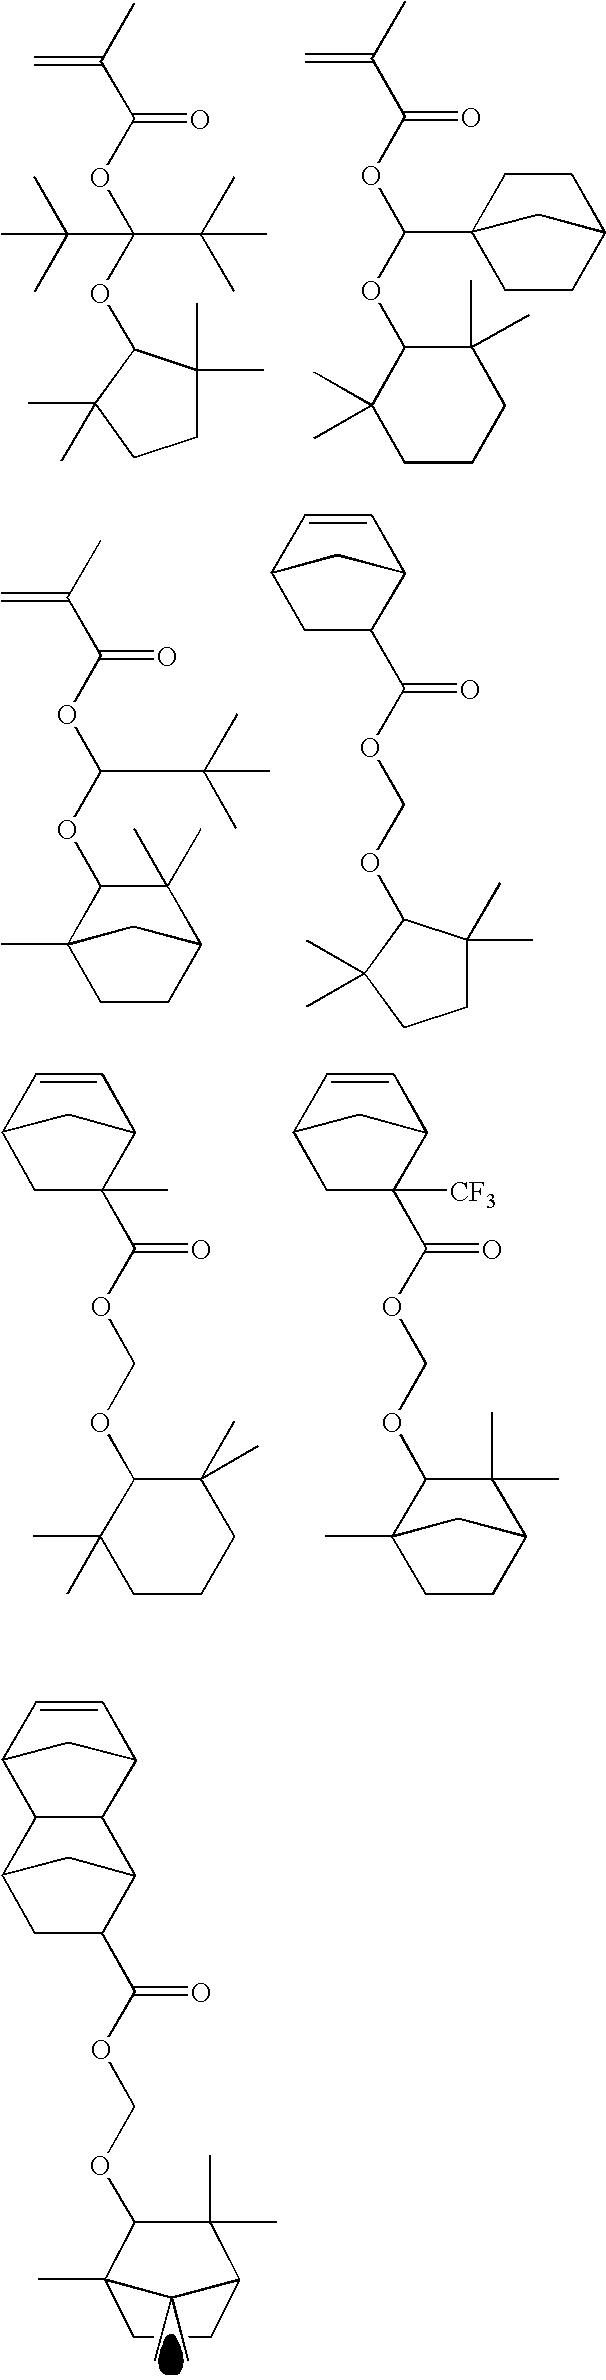 Figure US07687222-20100330-C00014